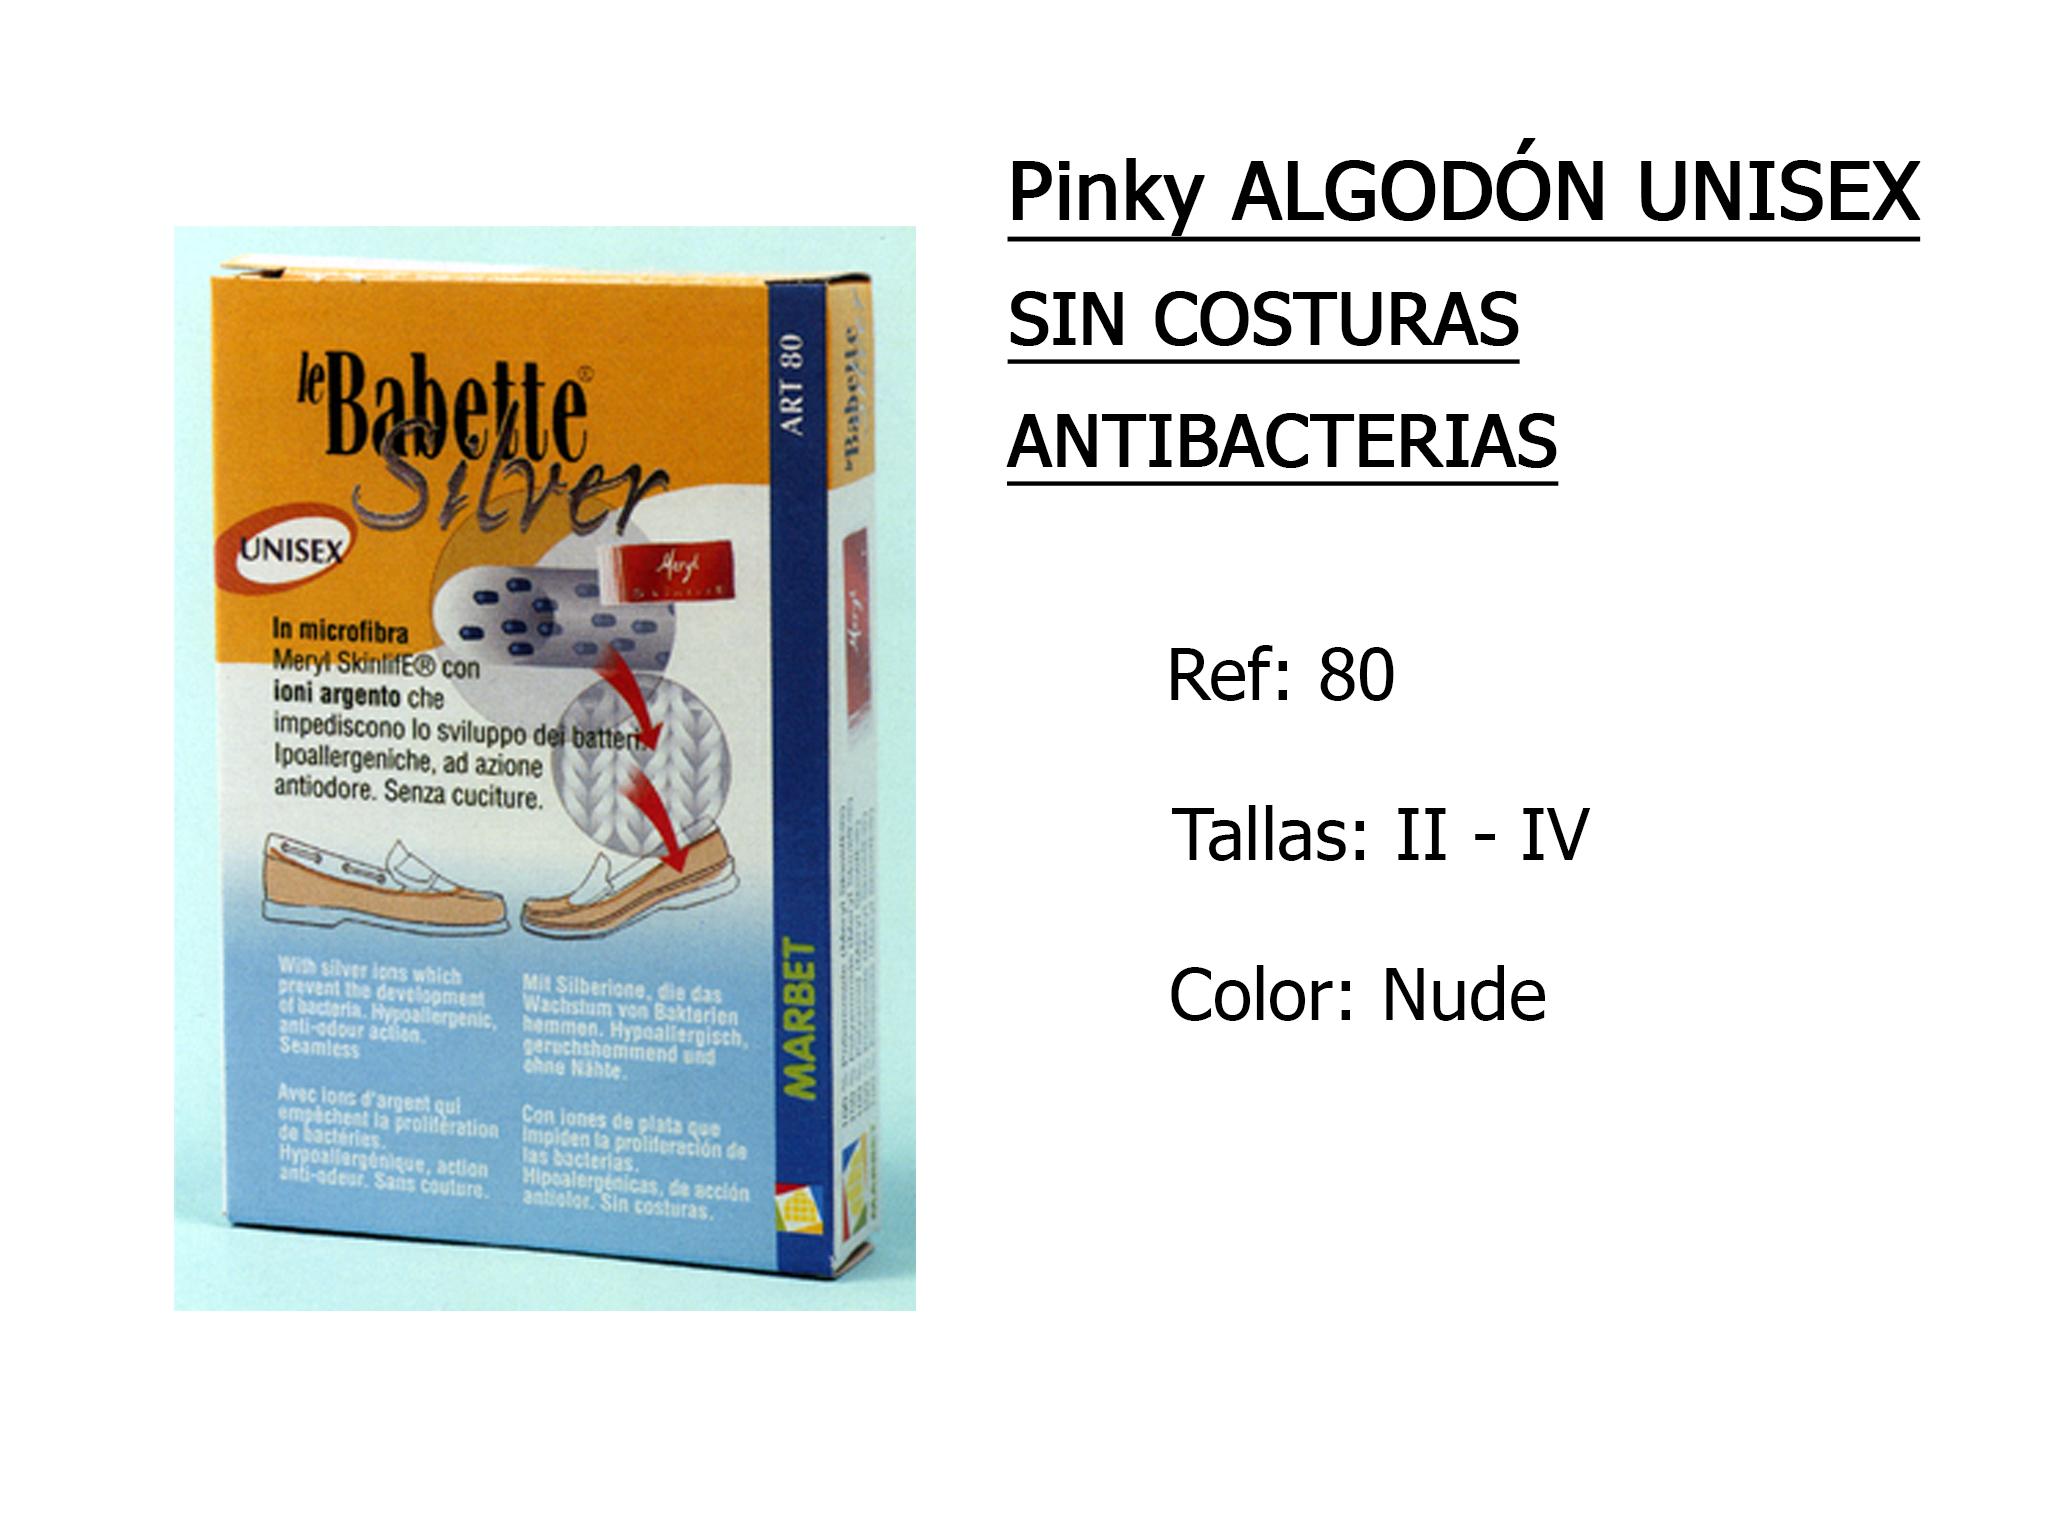 PINKY algodon unisex sin costuras 80